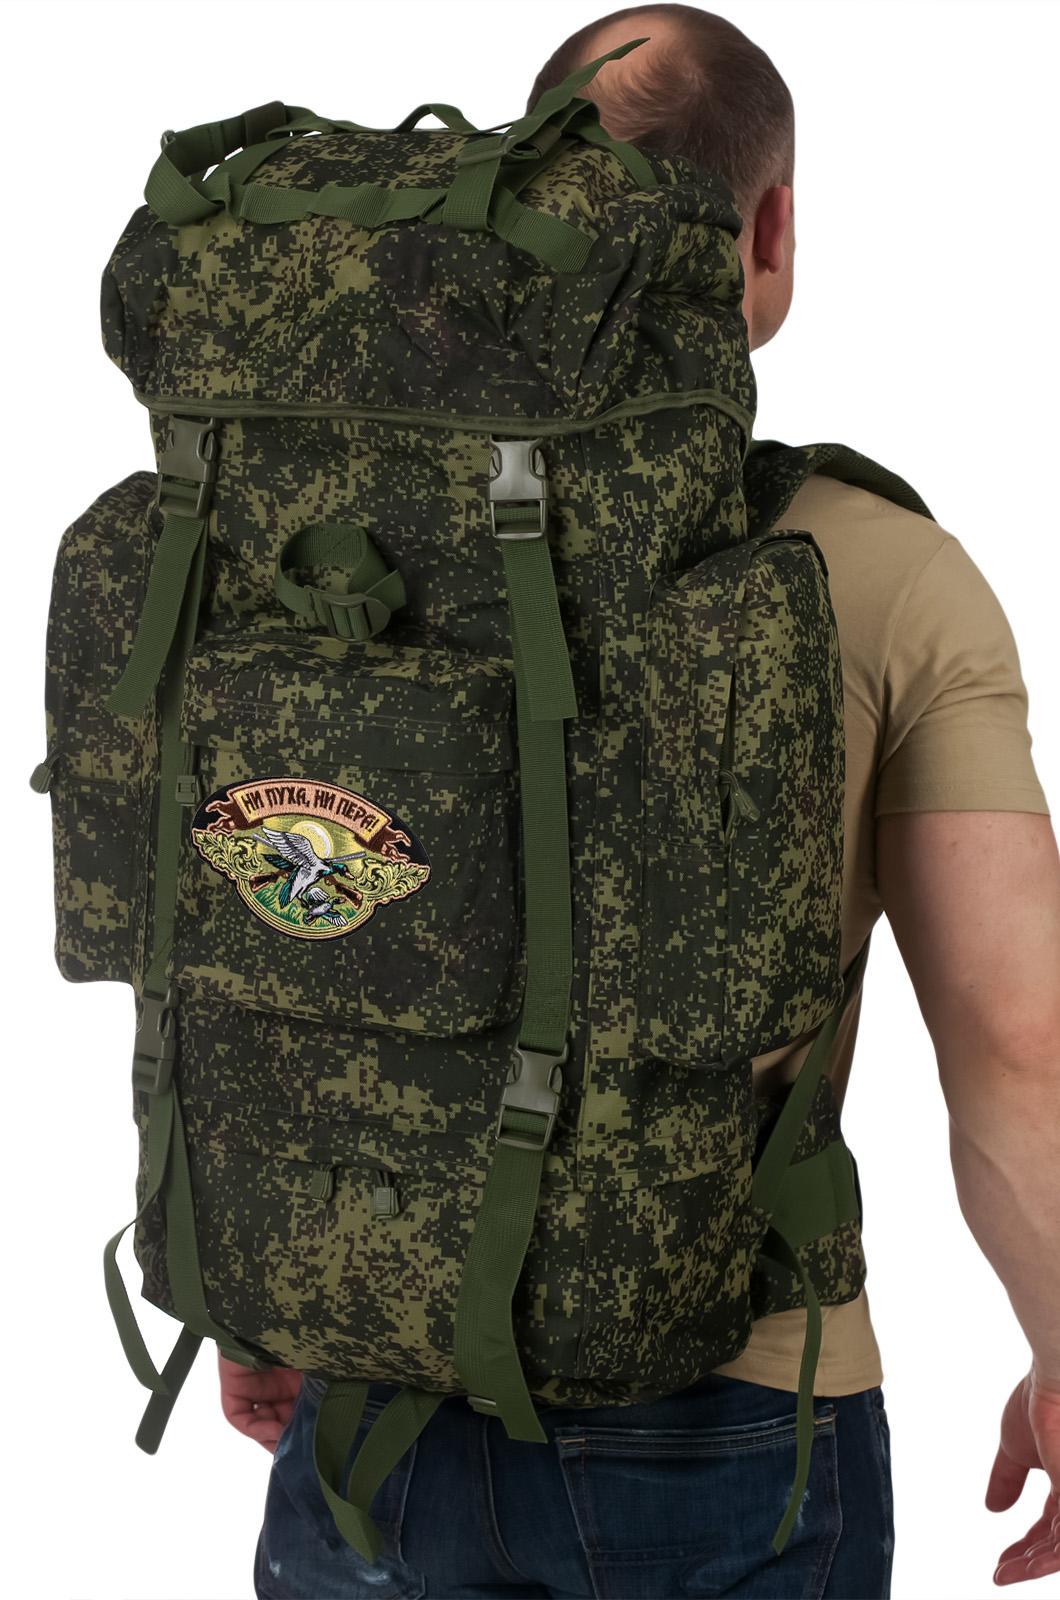 Камуфляжный туристический рюкзак с нашивкой НИ ПУХА, НИ ПЕРА! - купить онлайн